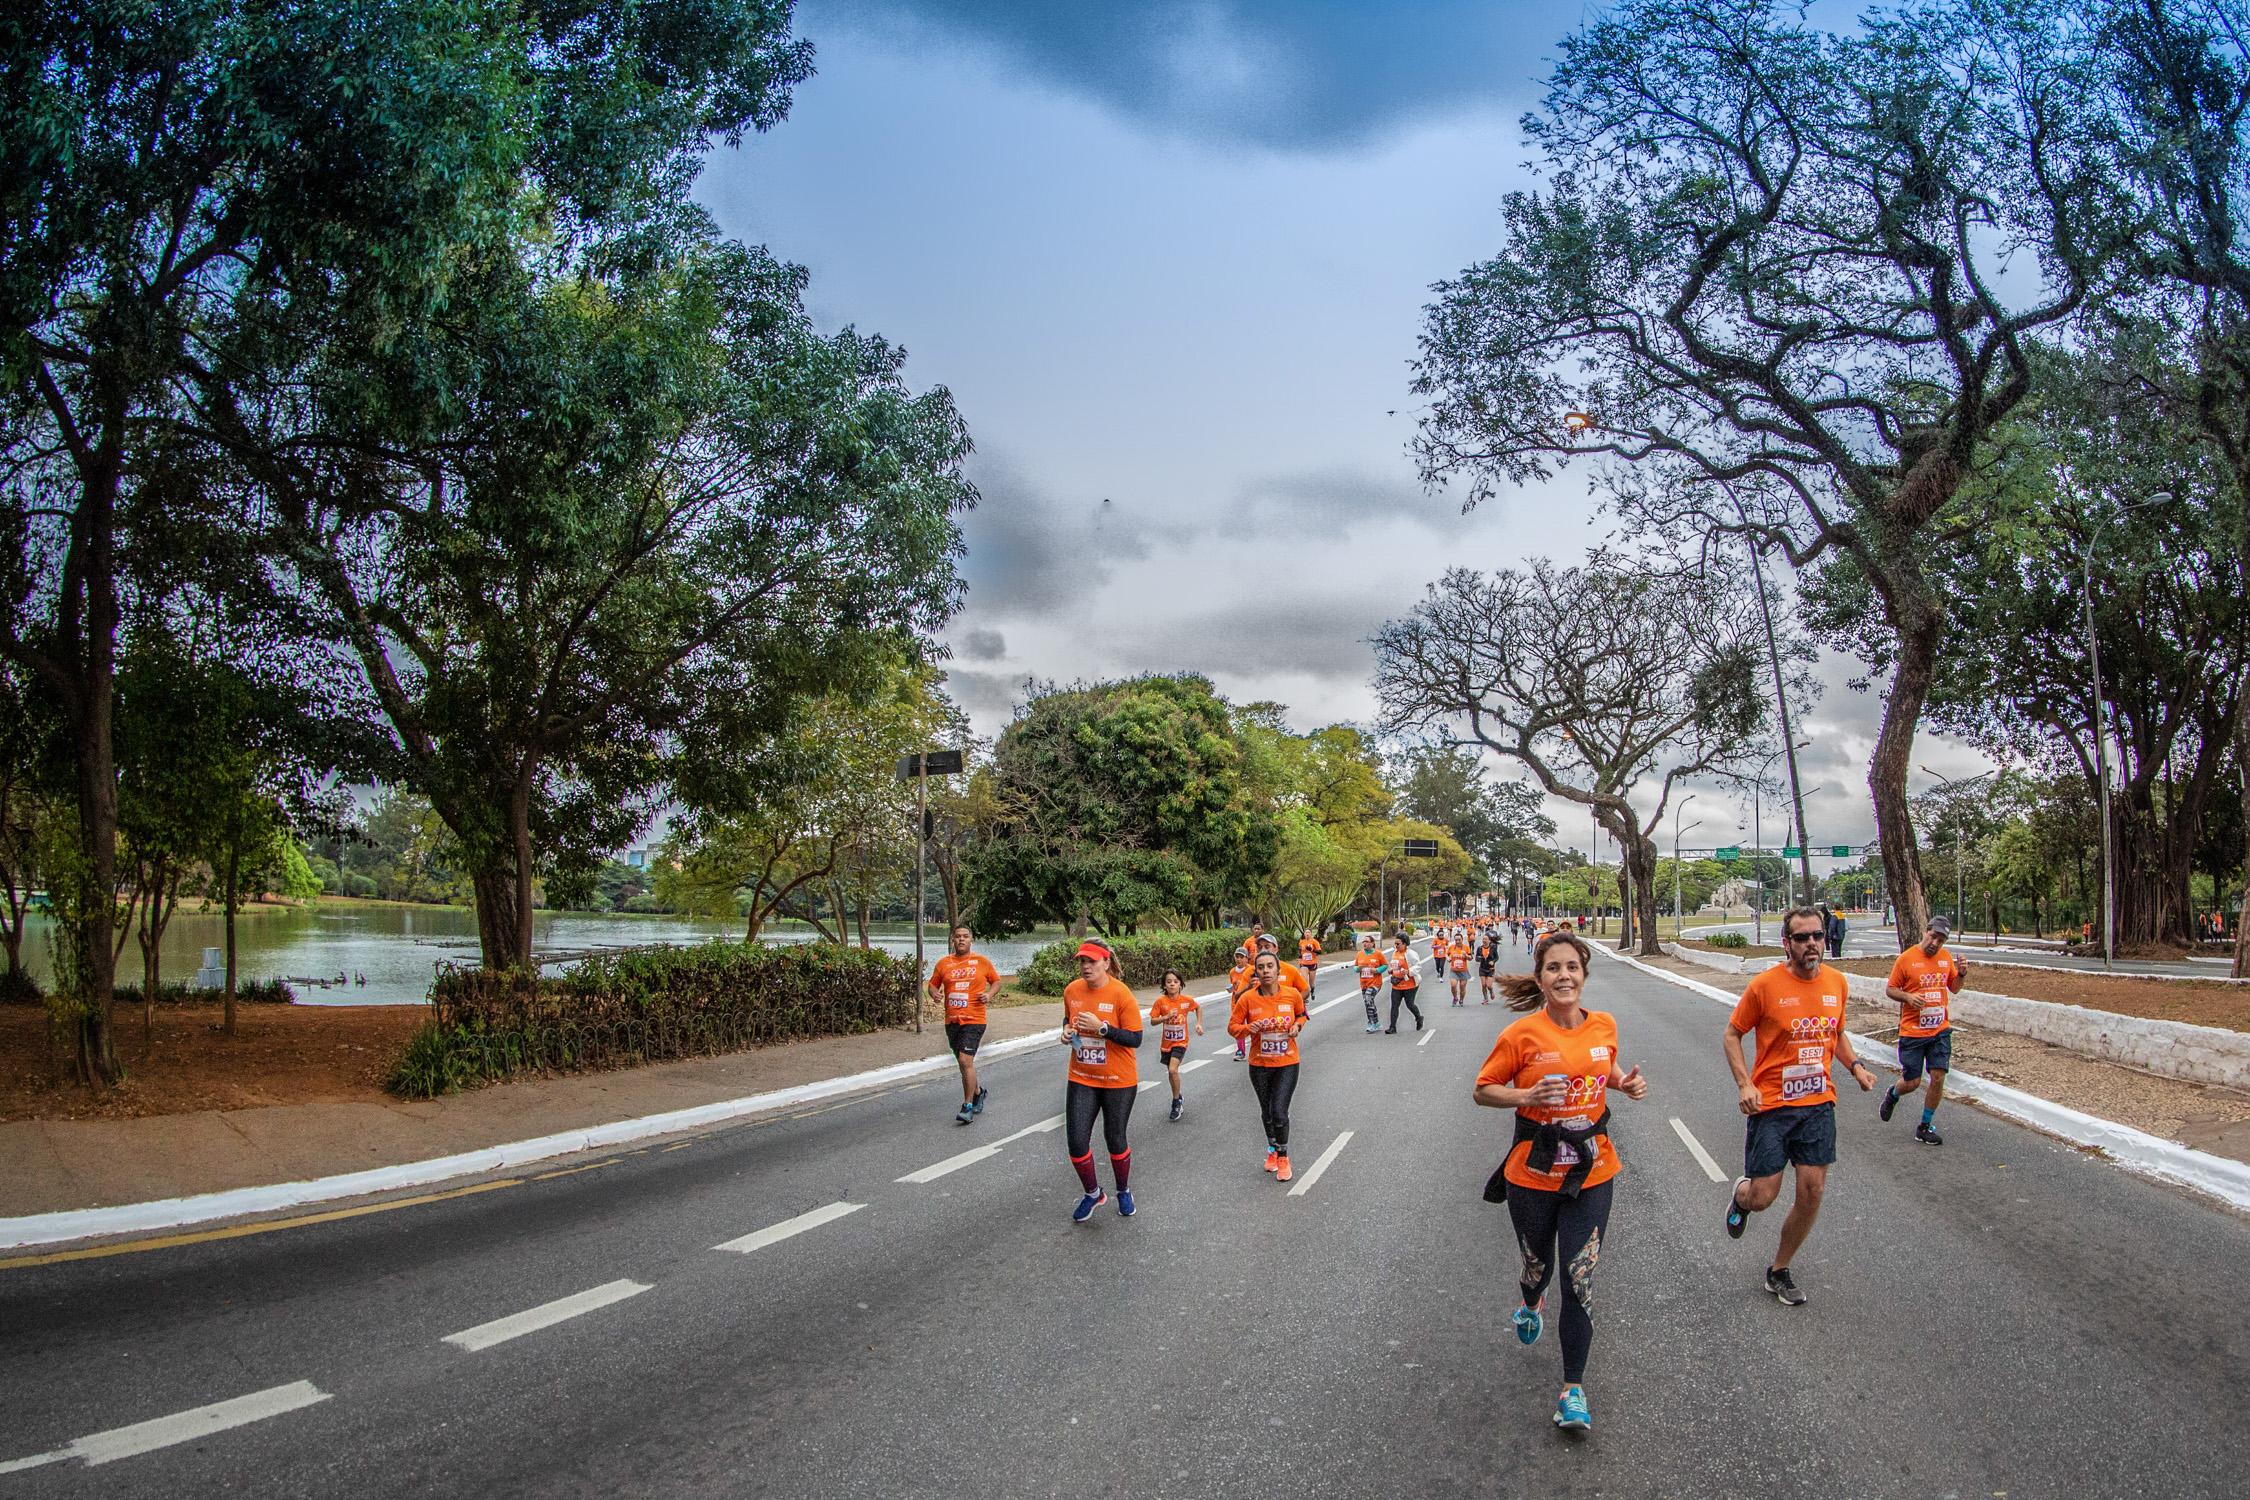 Corrida Movimento Pela Mulher reúne mais de 1.500 pessoas em São Paulo